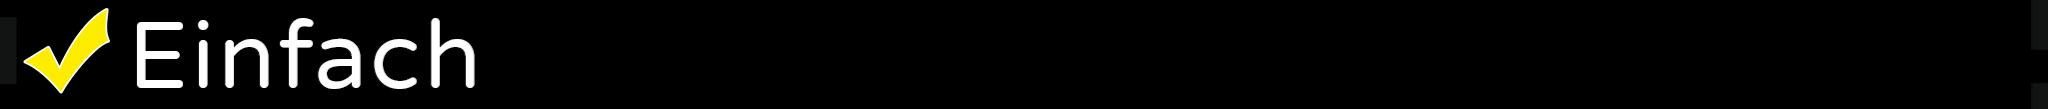 K1600_einfach